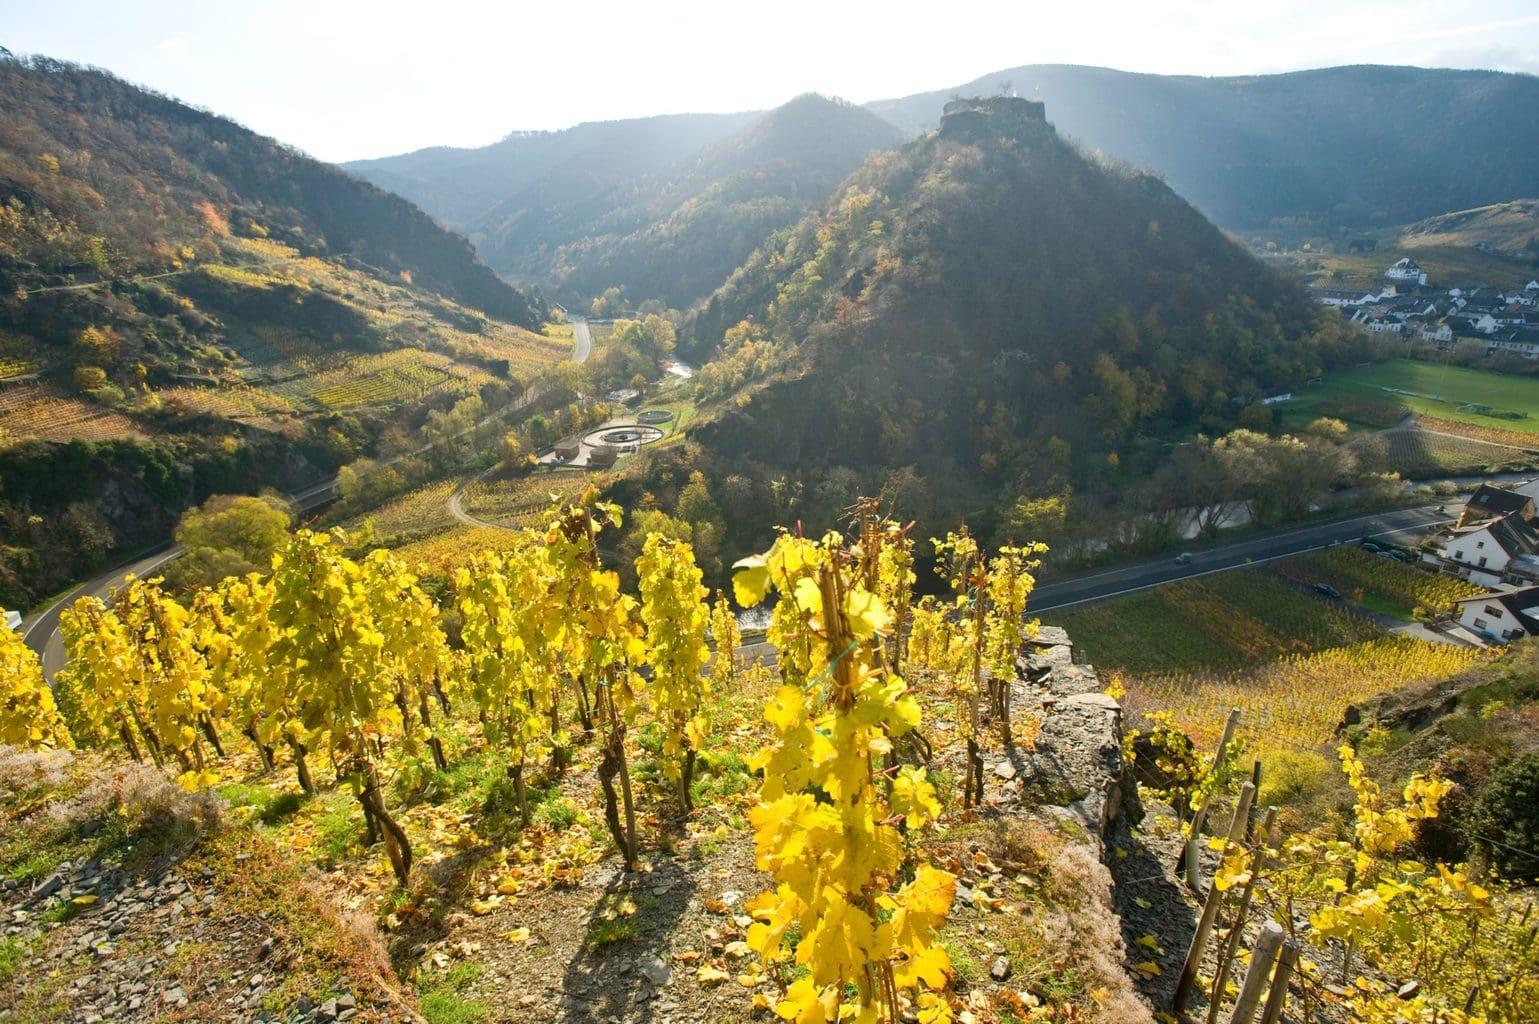 Het romantische plaatsje Mayschoss in het vallei van de Ahr in de herfst op het rodewijnwandelpad.